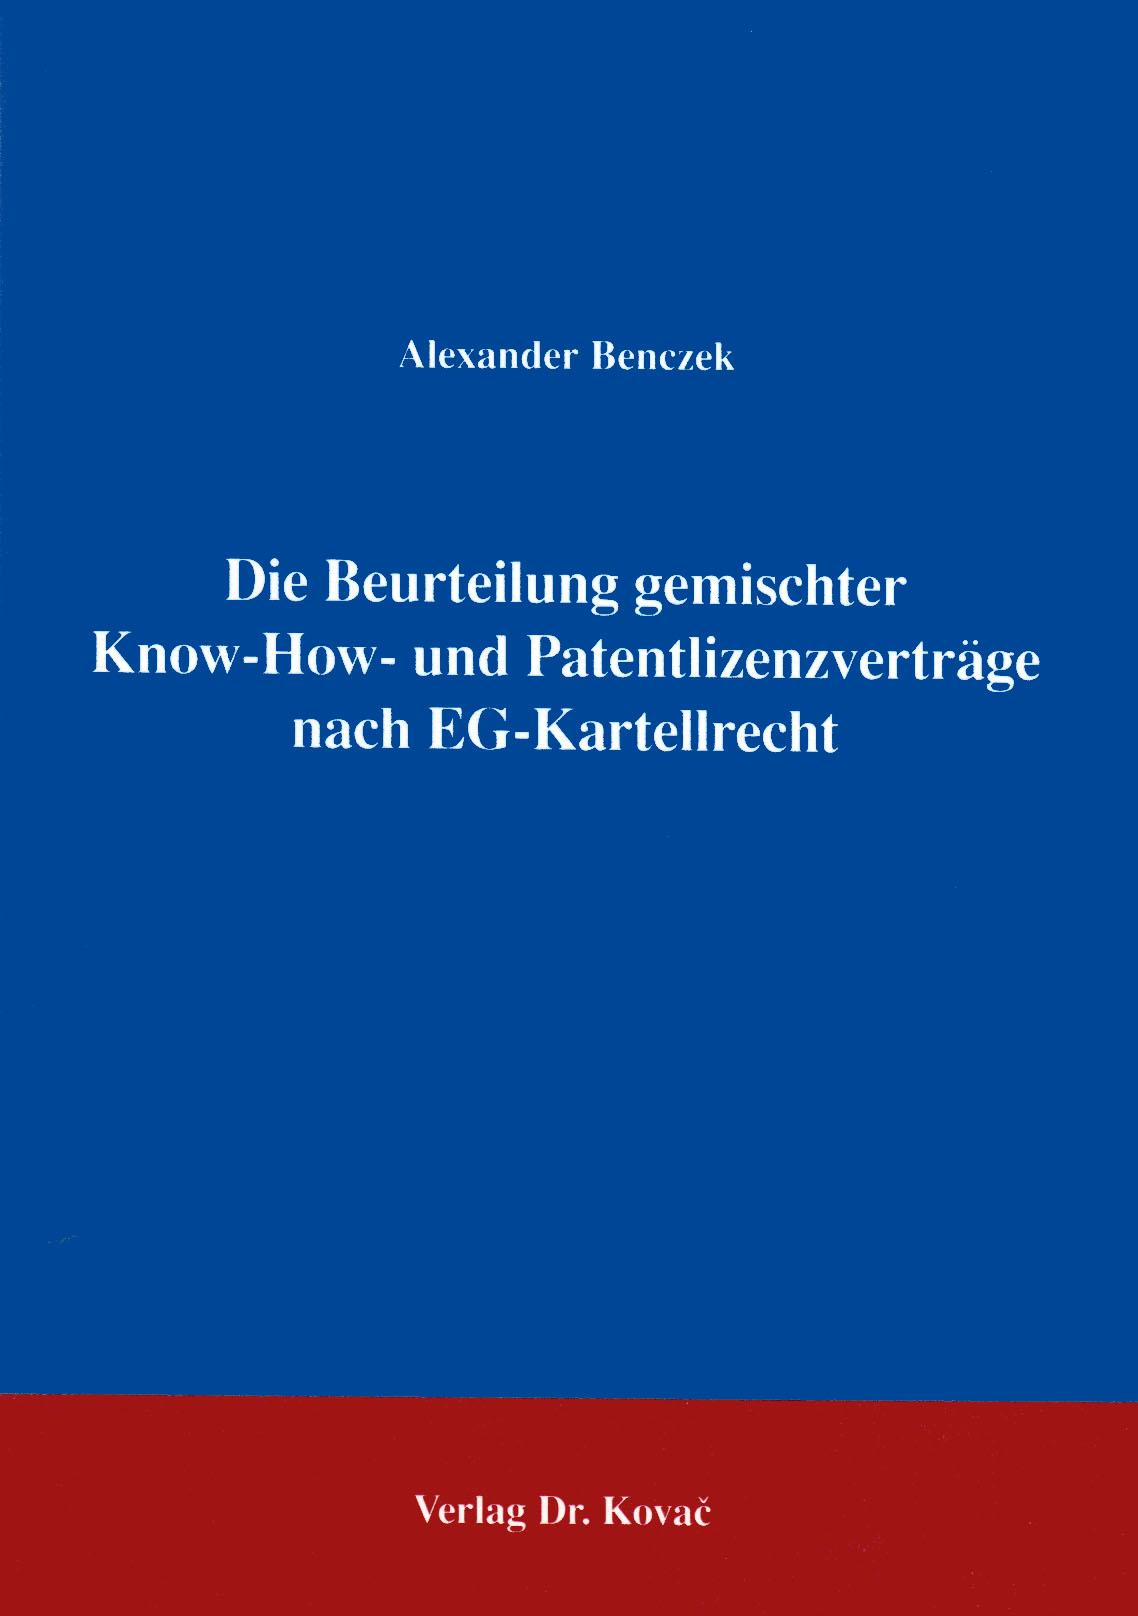 Cover: Die Beurteilung gemischter Know-How- und Patentlizenzverträge nach EG-Kartellrecht